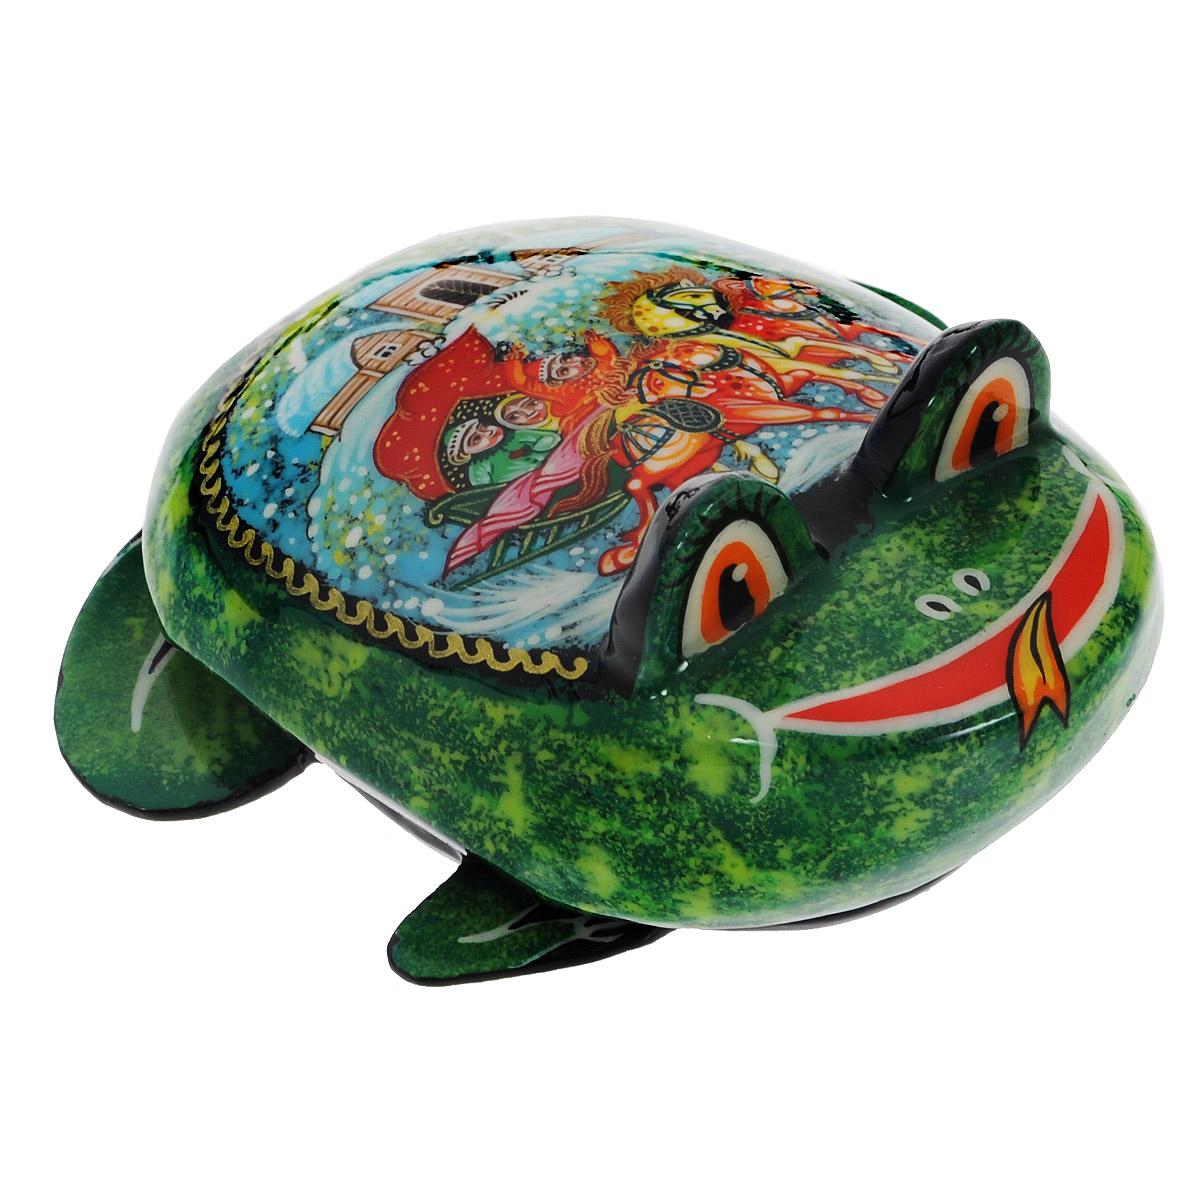 Лаковая миниатюра-шкатулка Палех Лягушка, цвет: зеленый, 5 см. Ручная работа набор матрешек василиса разные лица 10 шт ручная работа